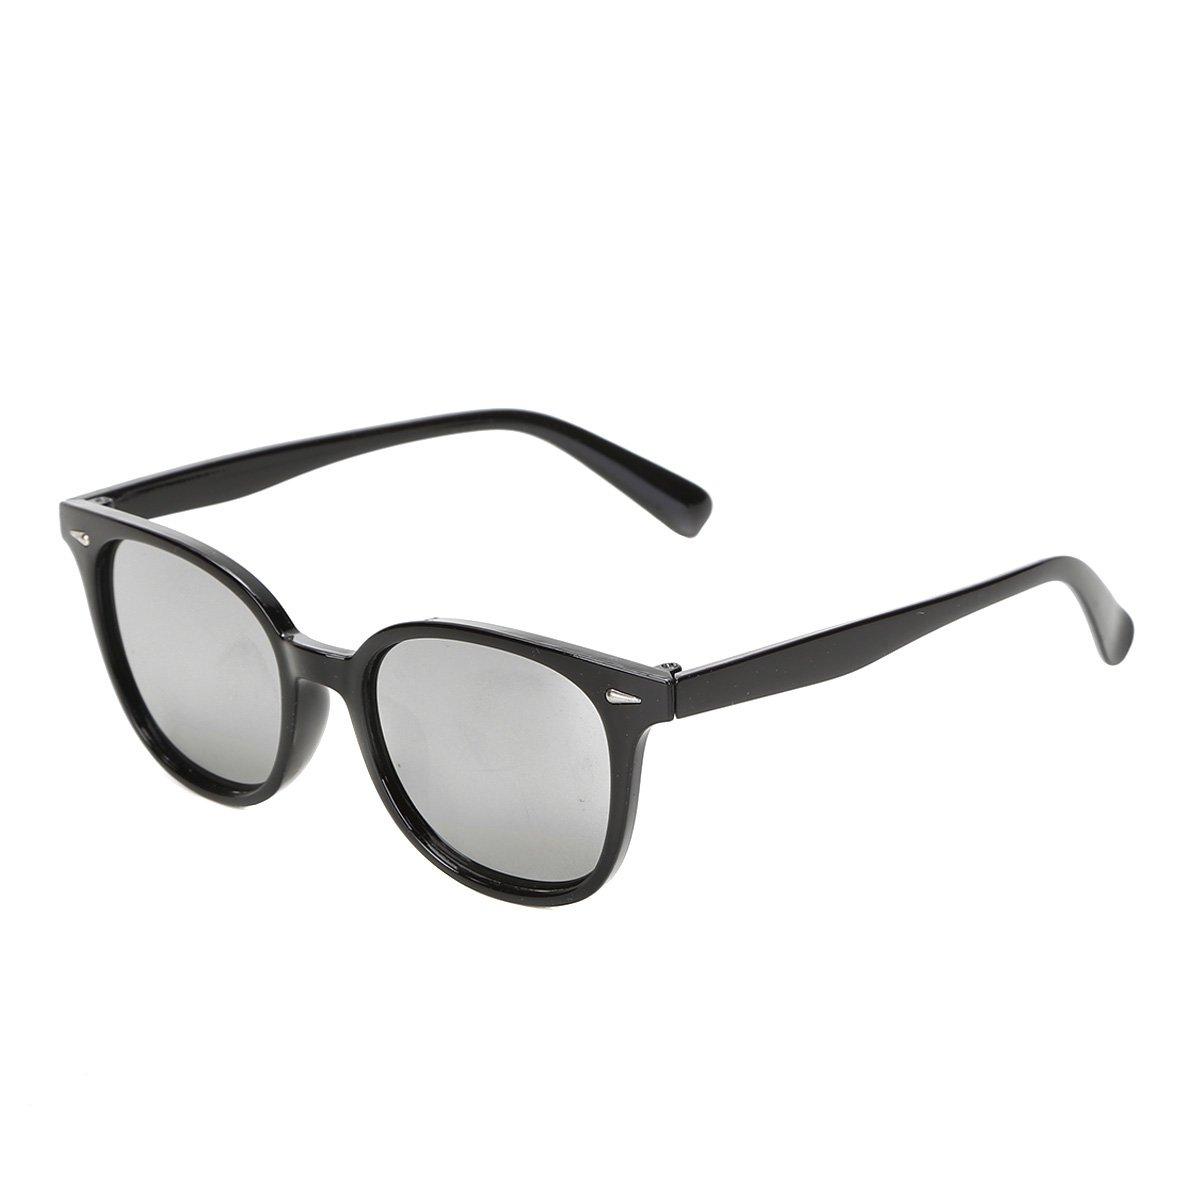 8e52d5849 Óculos de Sol King One A04 Feminino | Livelo -Sua Vida com Mais ...